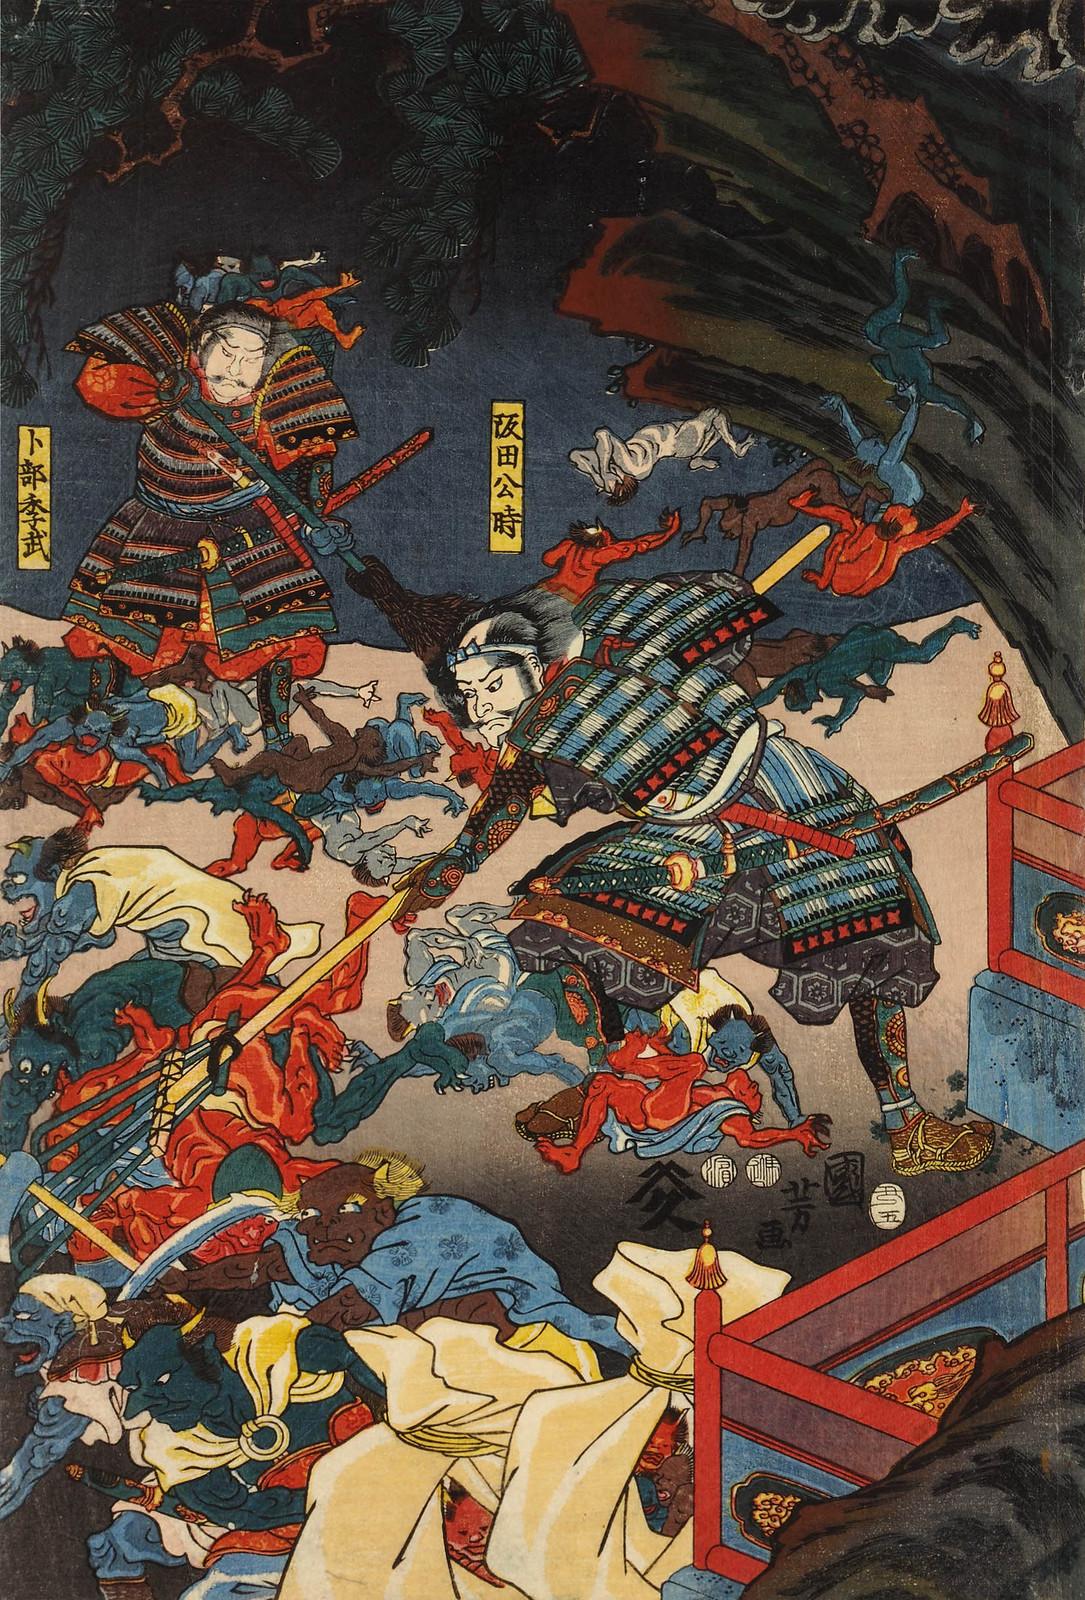 Utagawa Kuniyoshi - Raiko Oeyama iri no zu, 1853 (left panel)